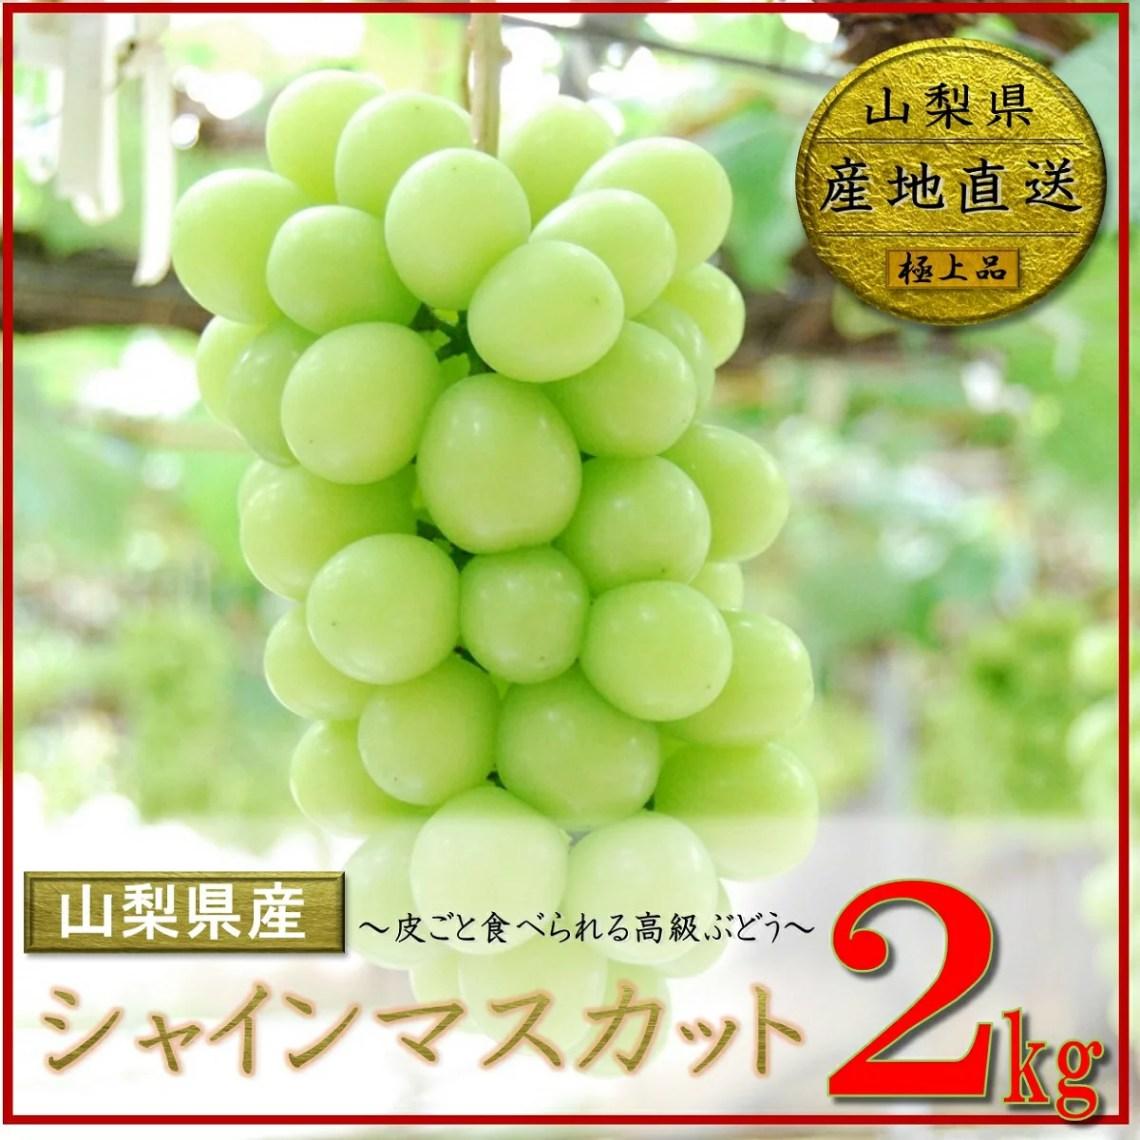 【ふるさと納税】 山梨県産 シャインマスカット 3〜4房 (約2kg) フルーツ ブドウ 高級 朝採